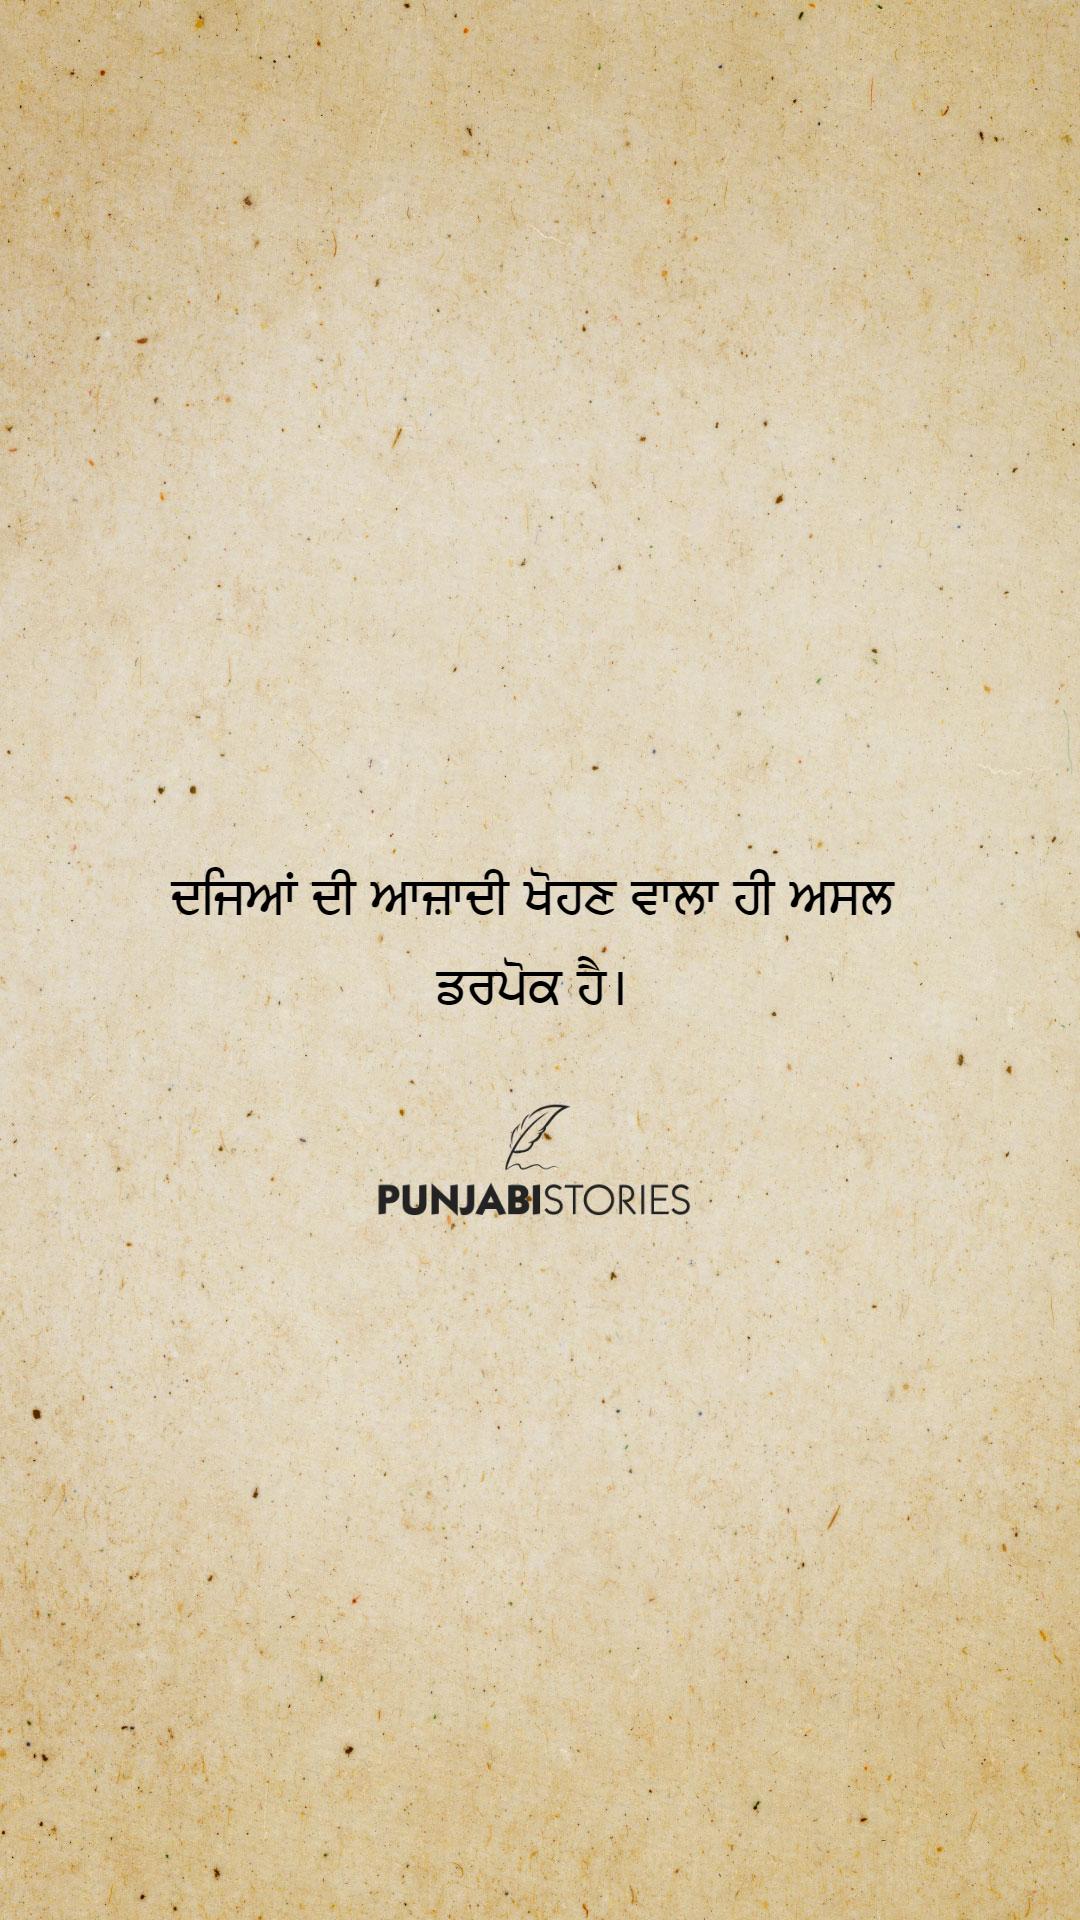 new punjabi status, punjabi written status